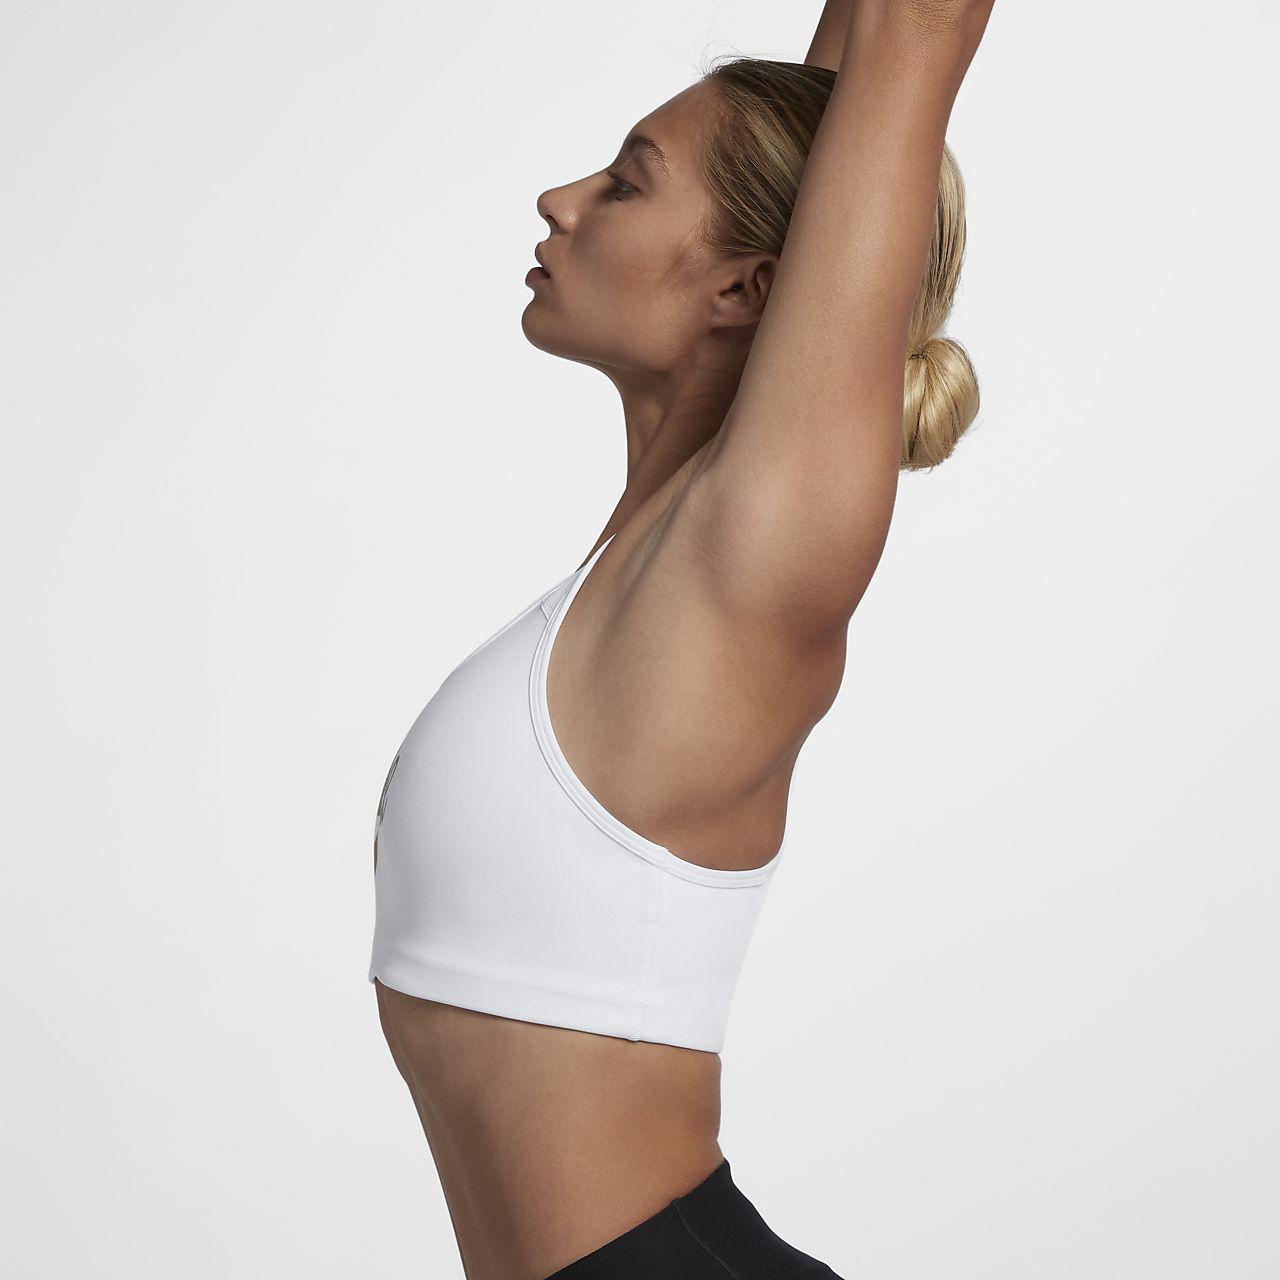 d2fadb343 Bra a sostegno medio Nike Swoosh Futura - Donna. Nike.com IT